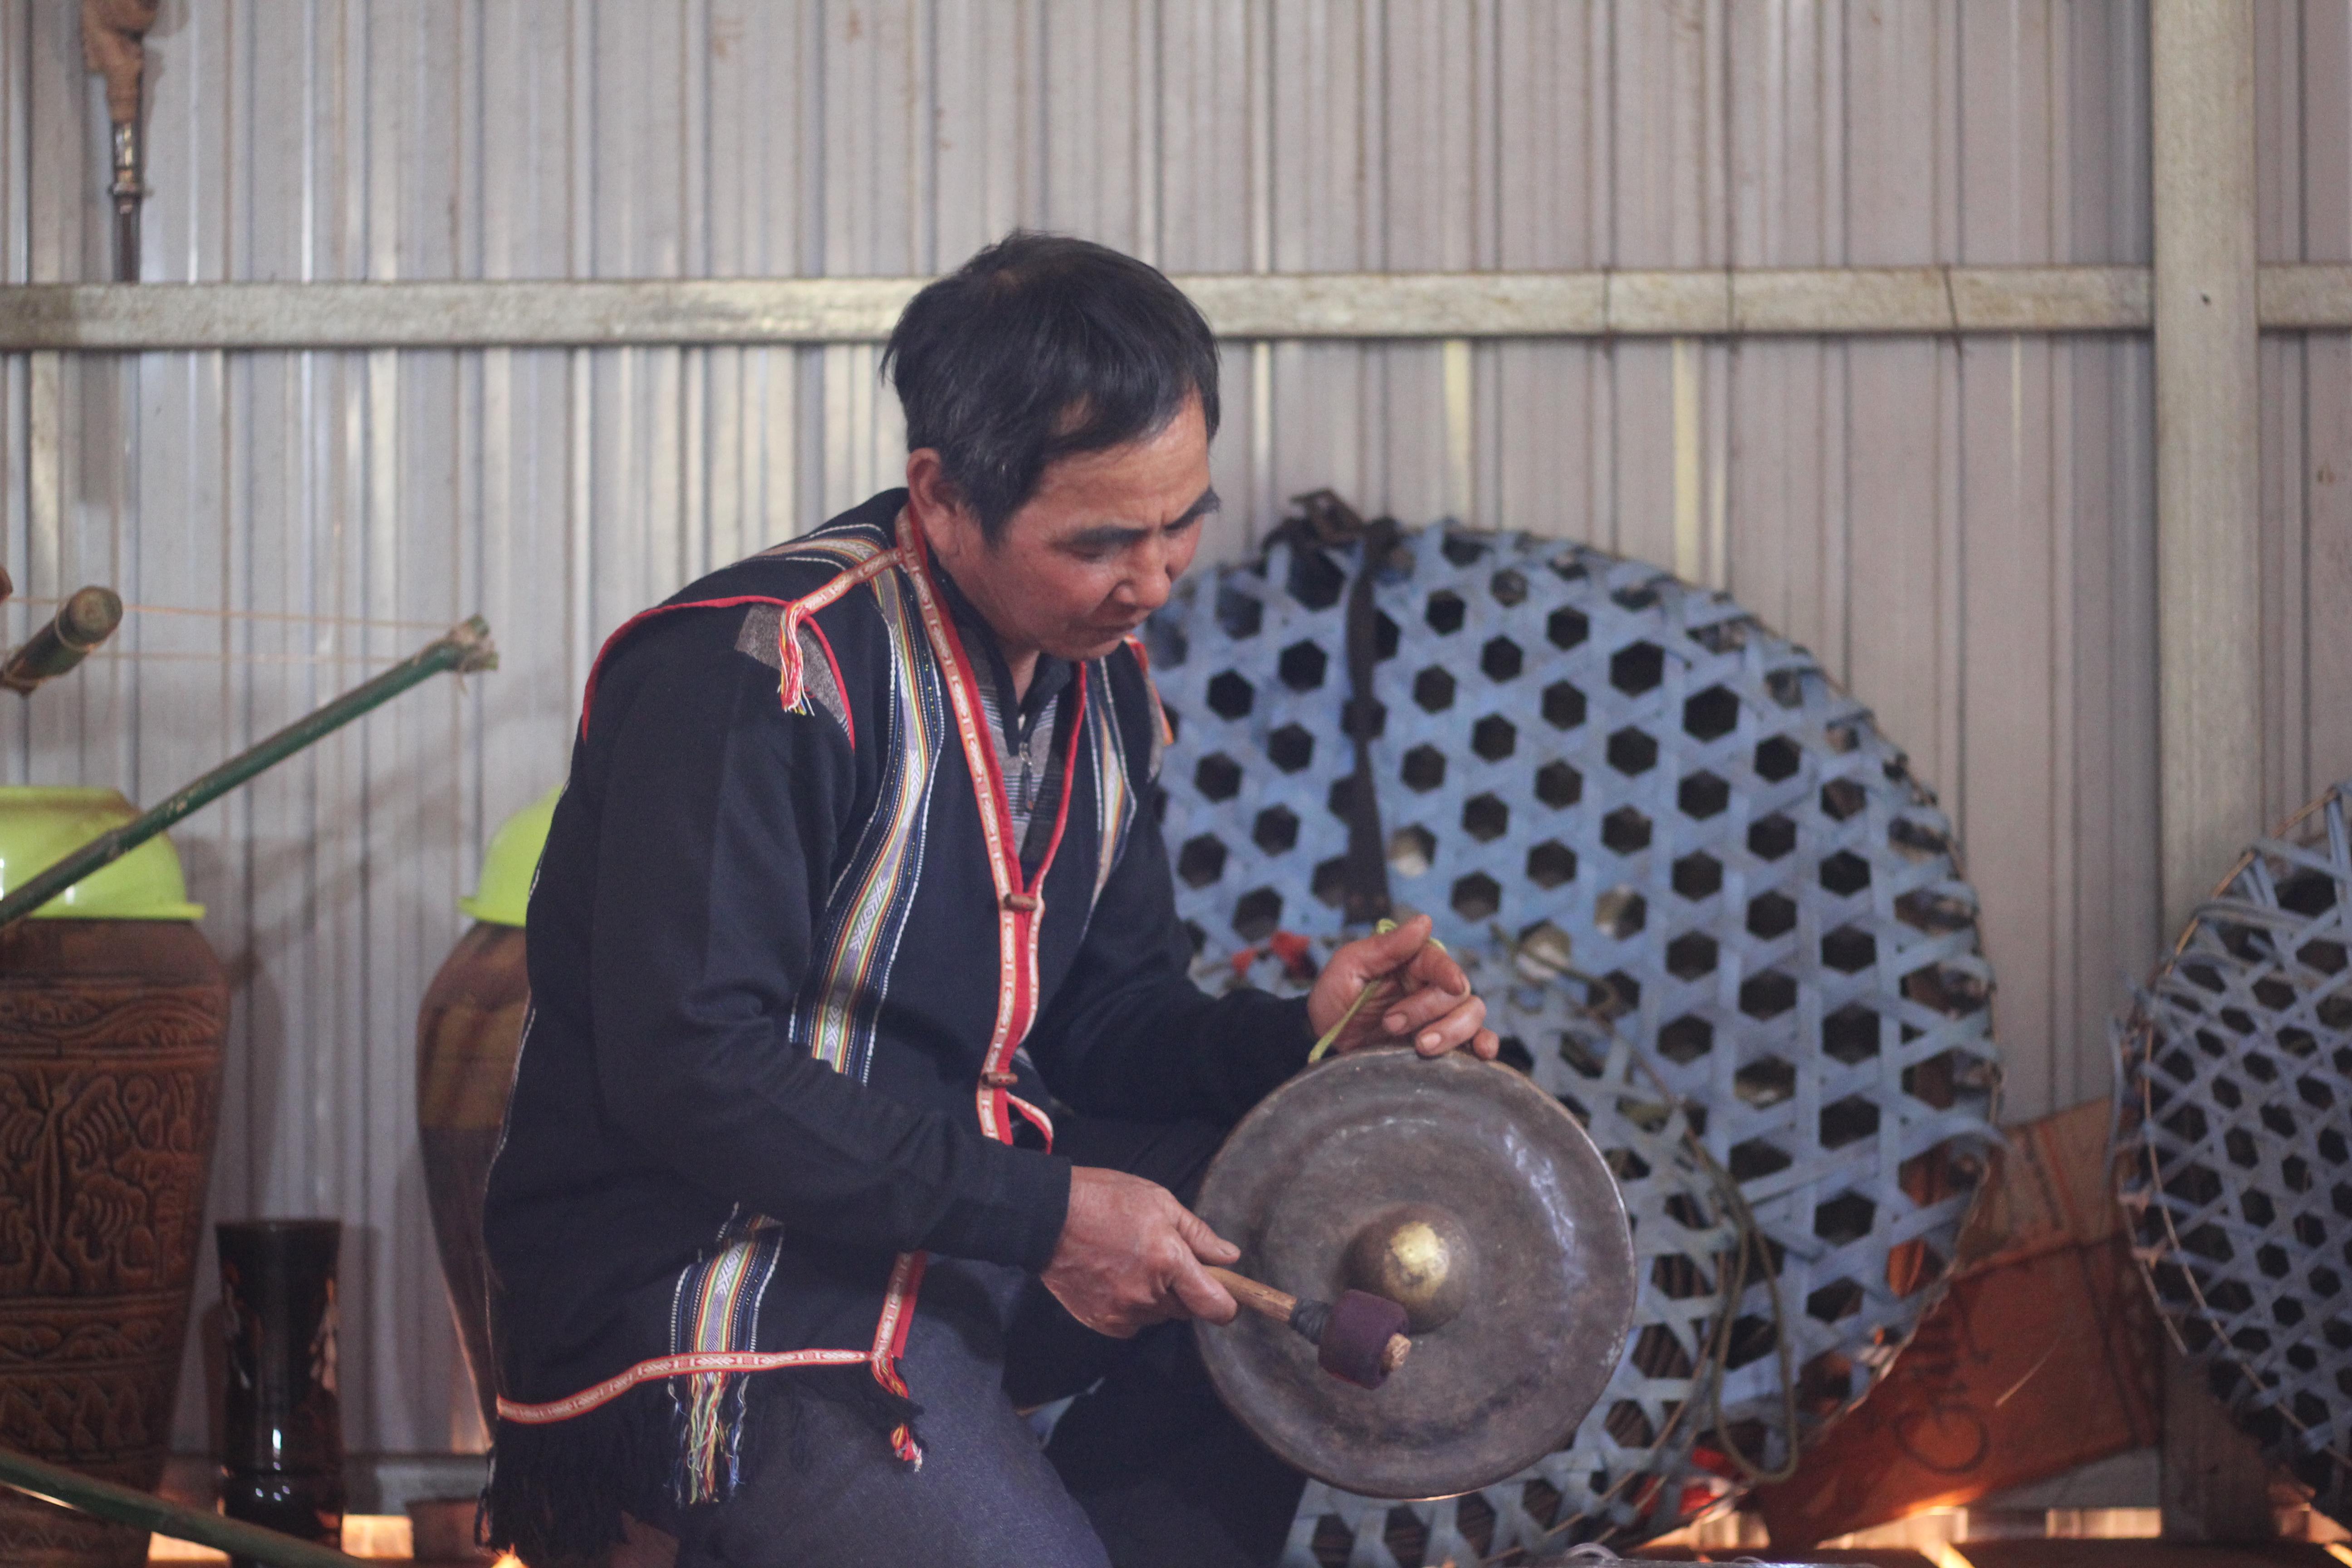 Nghệ nhân Ưu tú A Lip là một nhân tố điển hình trong việc truyền dạy và bảo tồn phát huy văn hóa cồng chiêng tại huyện Đăk Đoa.